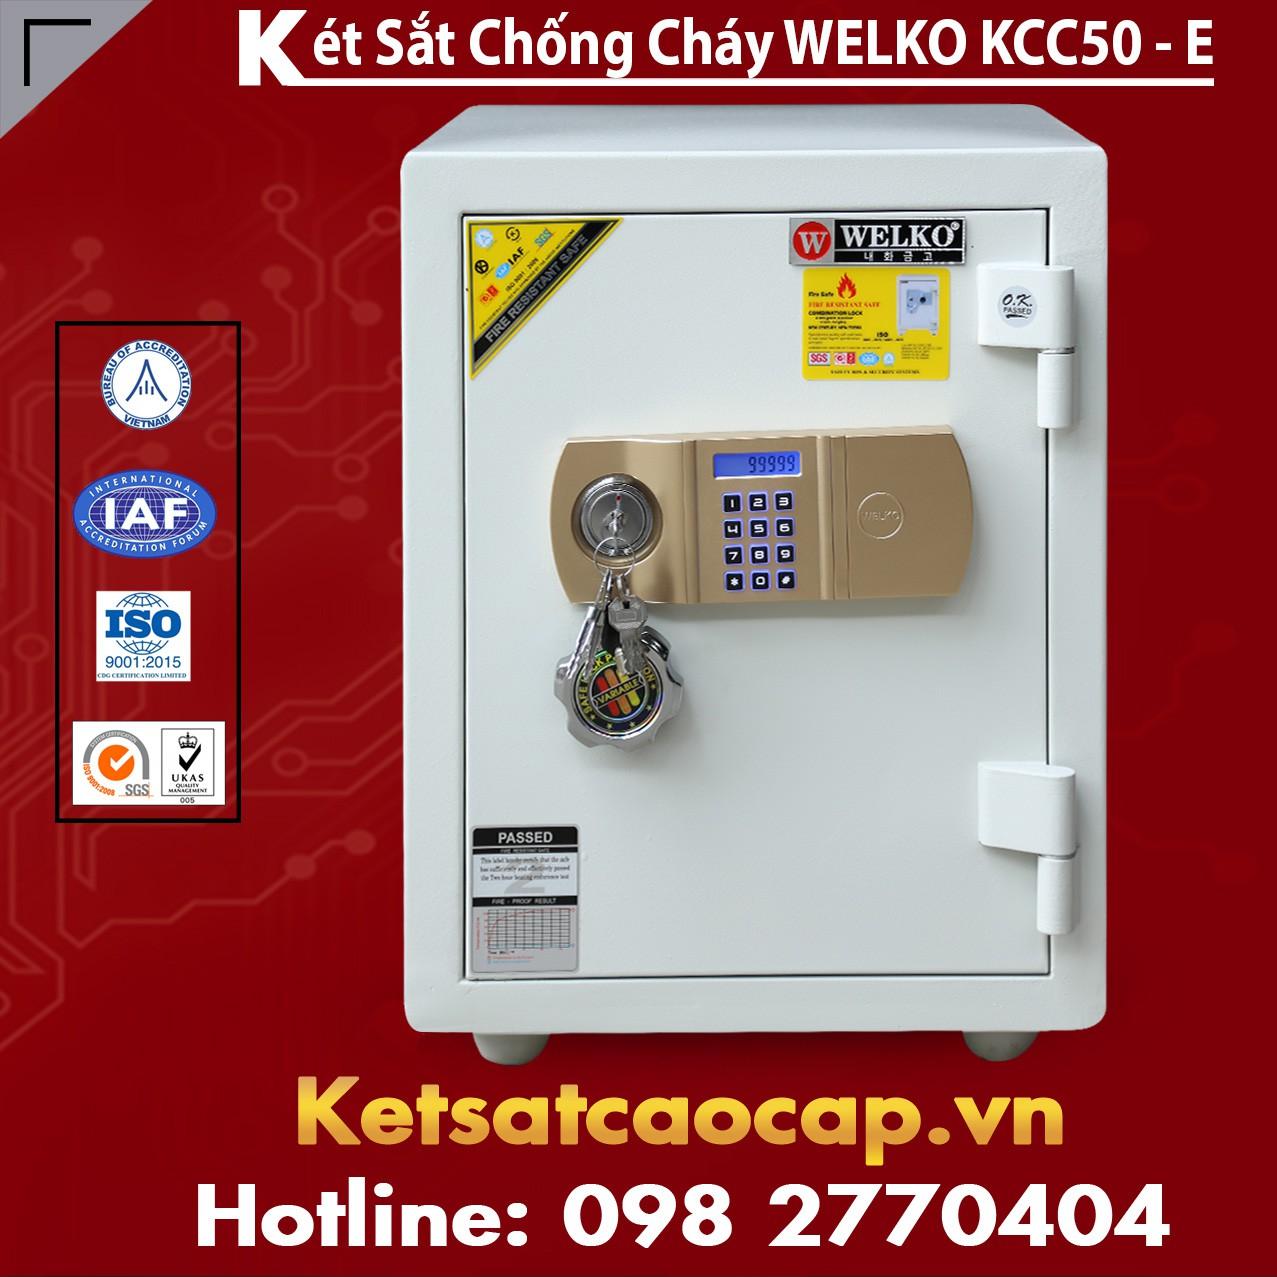 Két Sắt Thần Tài WELKO KCC50 - E Gold